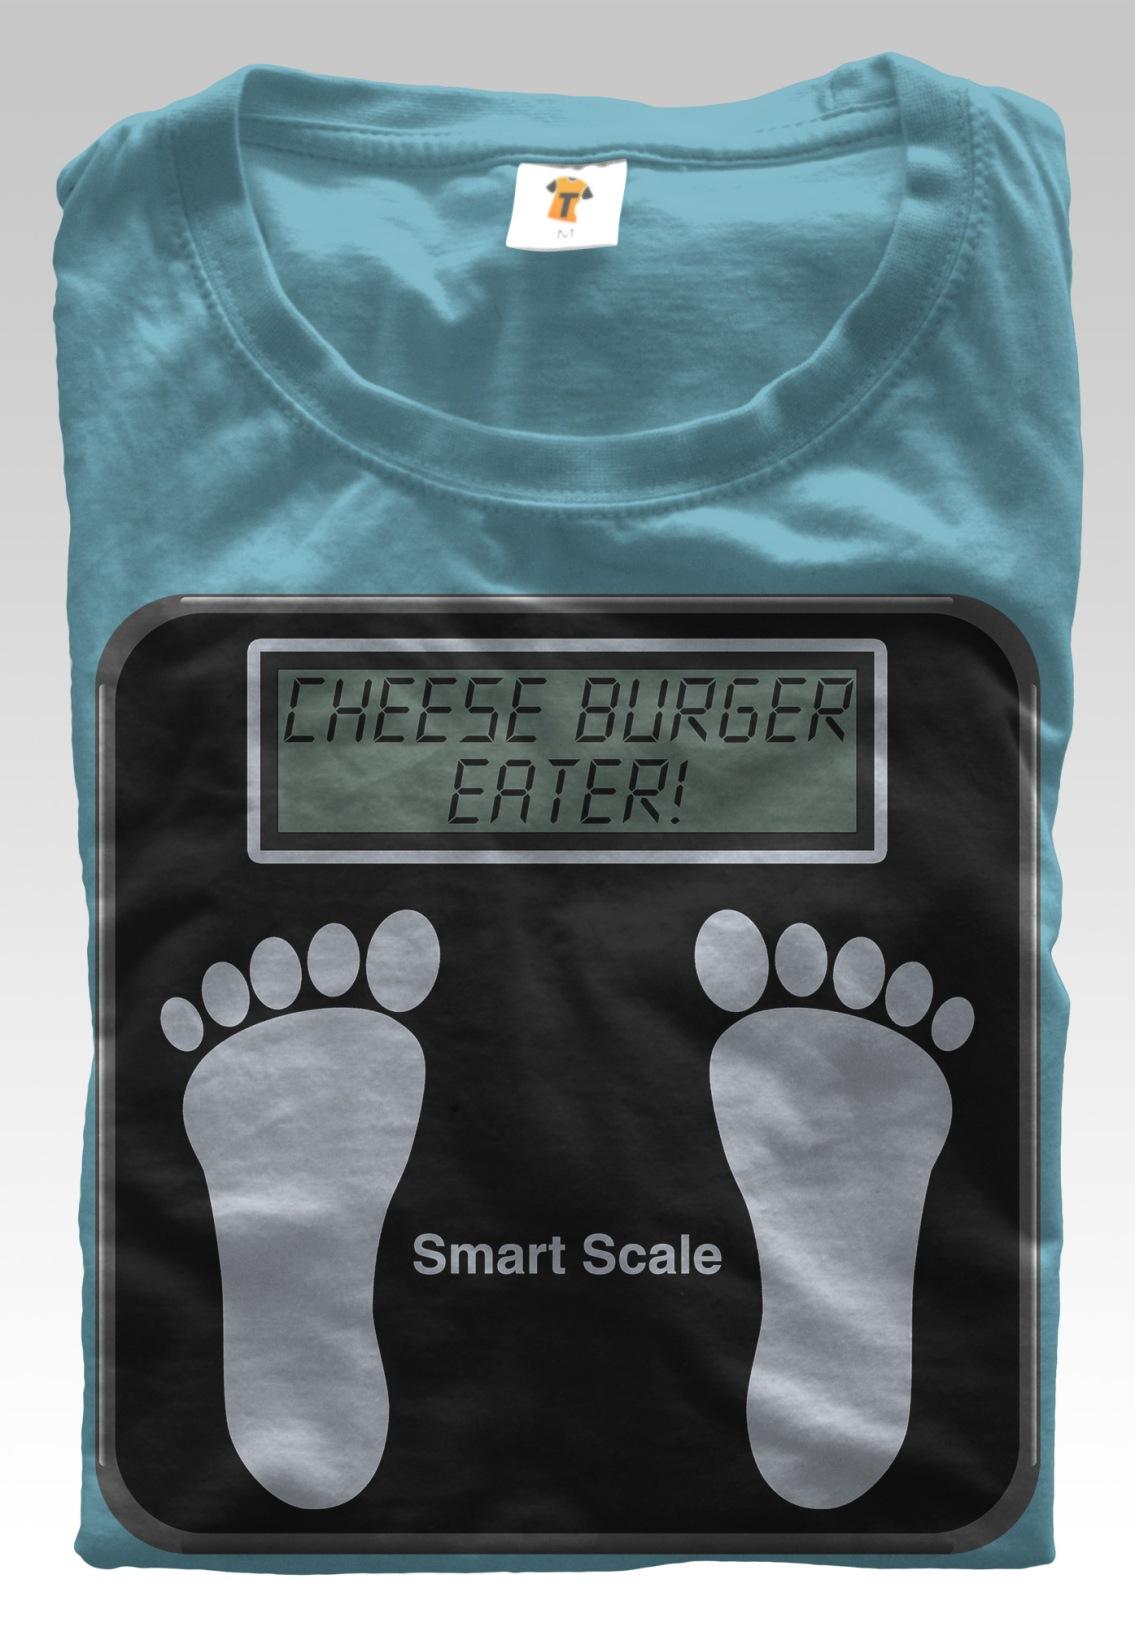 Sacale_Burger_tshirt